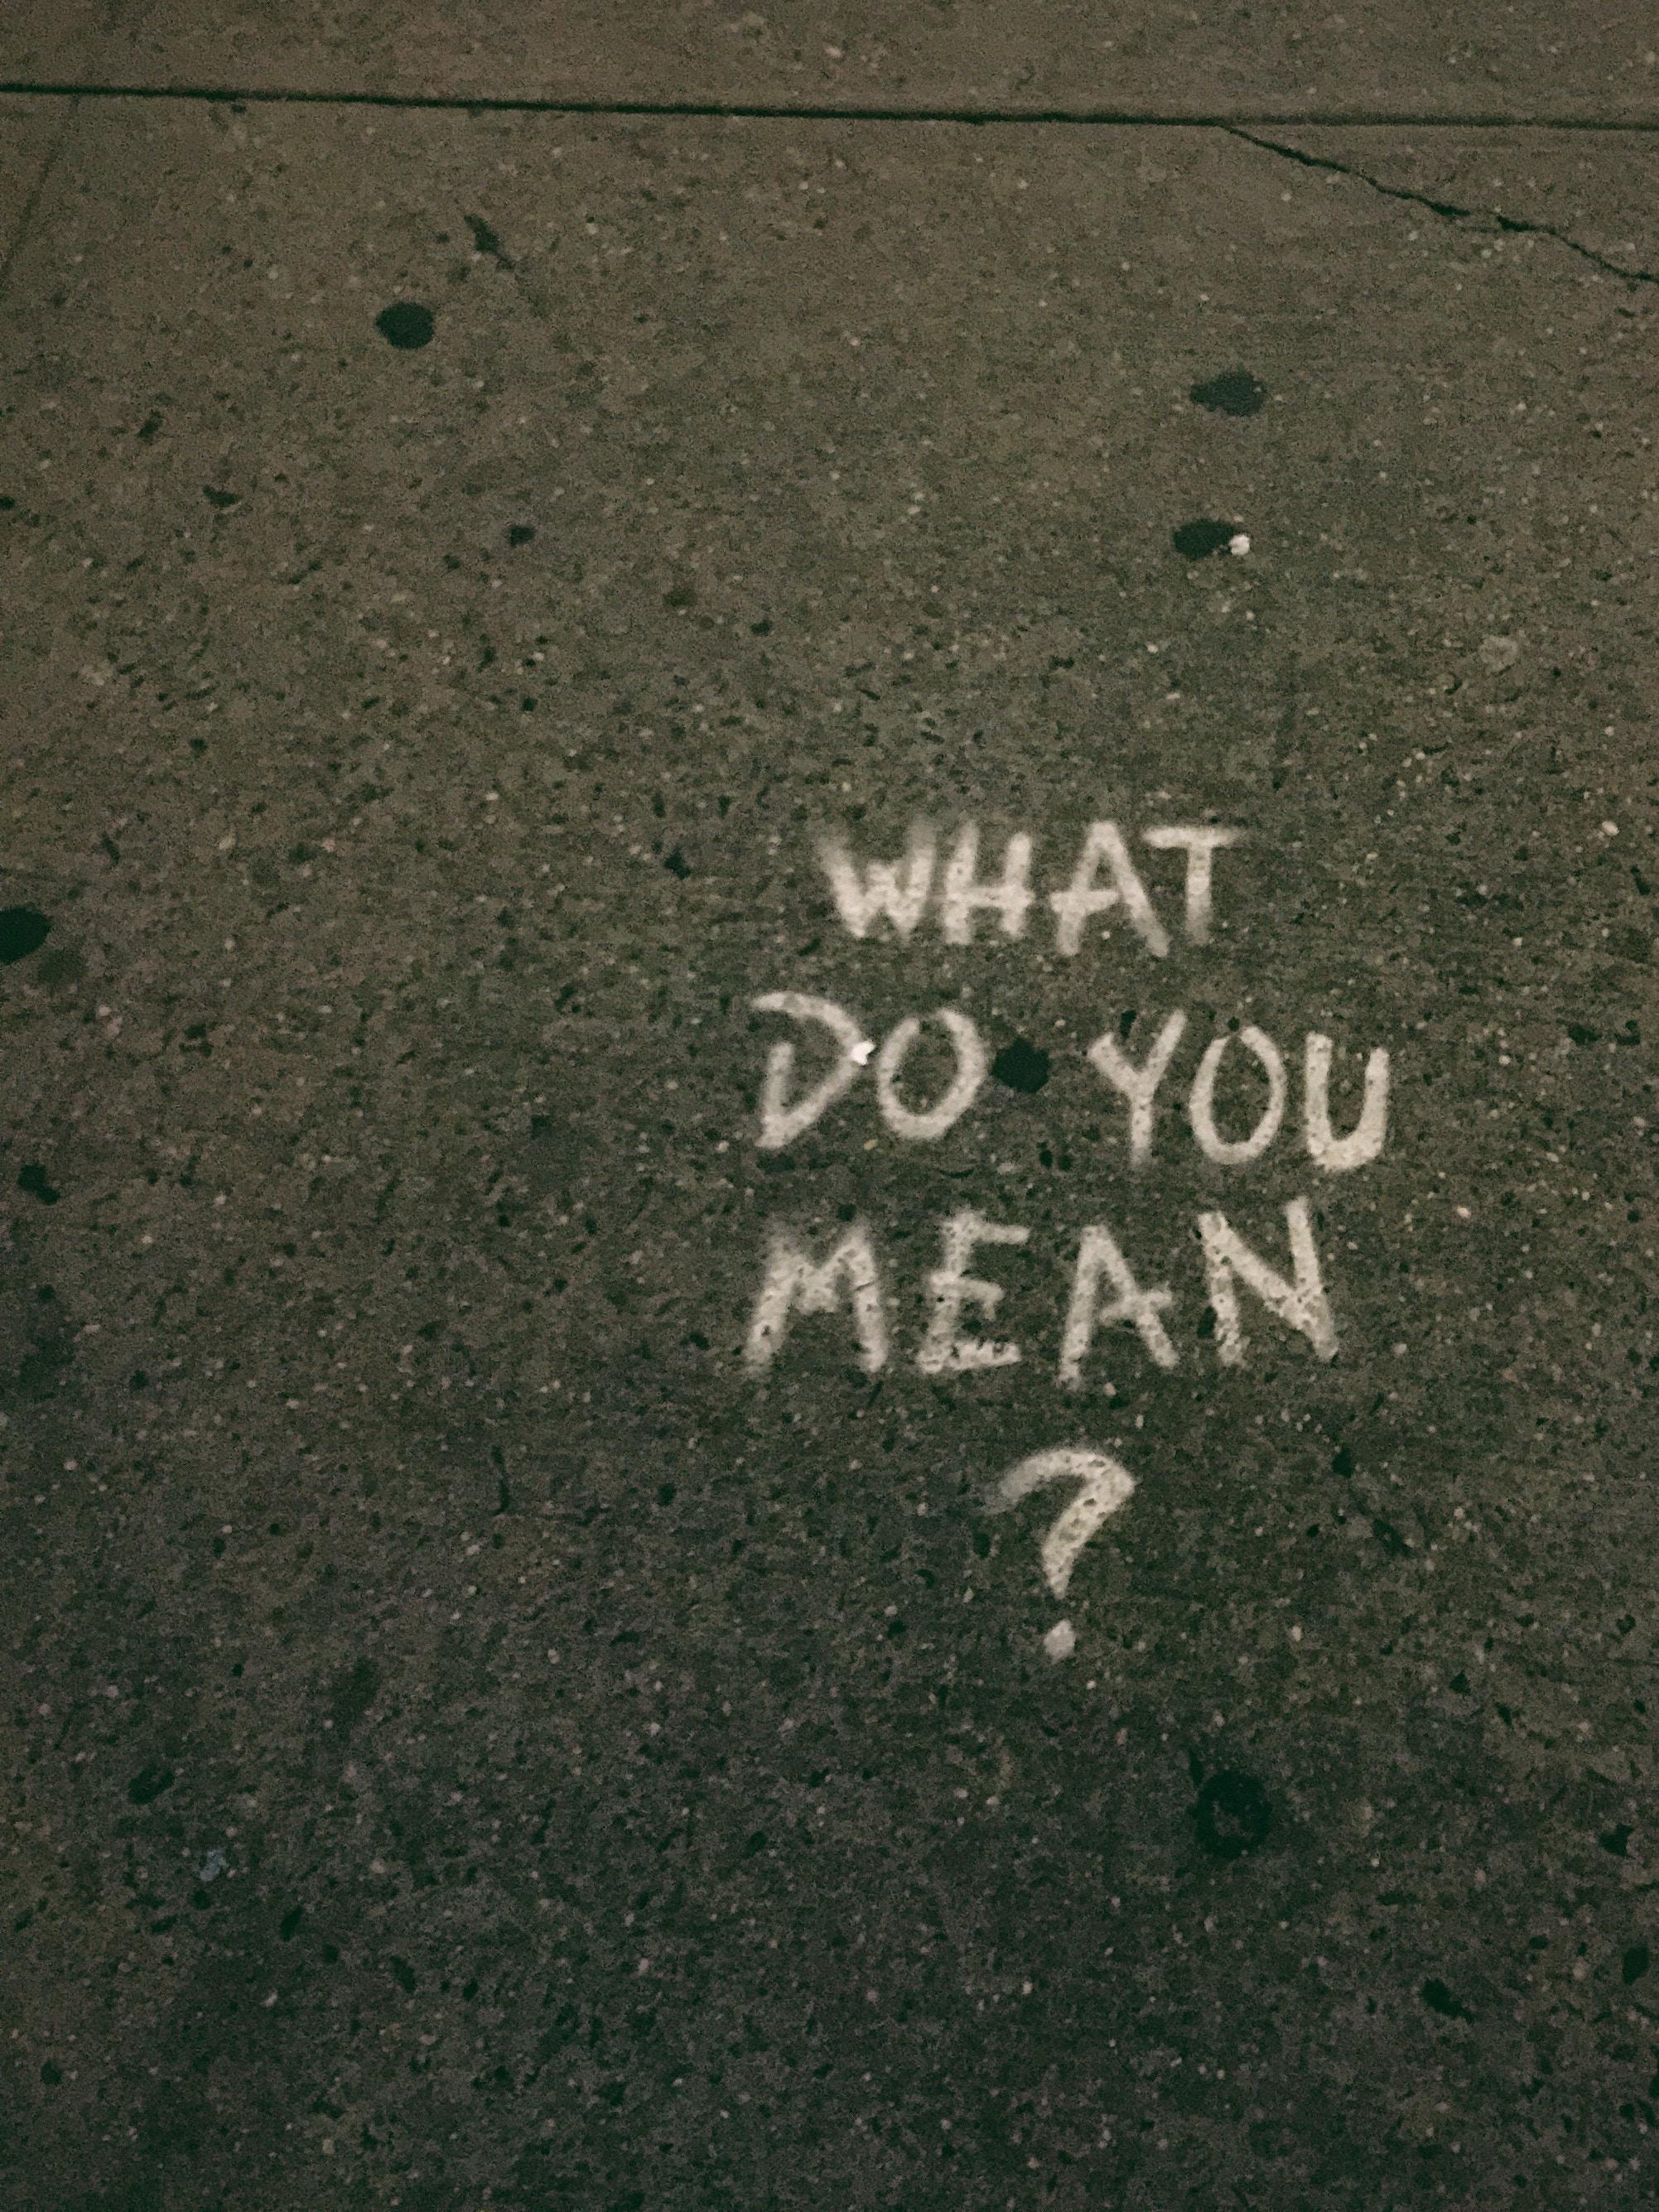 how to find the right answer wie bekomme ich die richtige Antwort